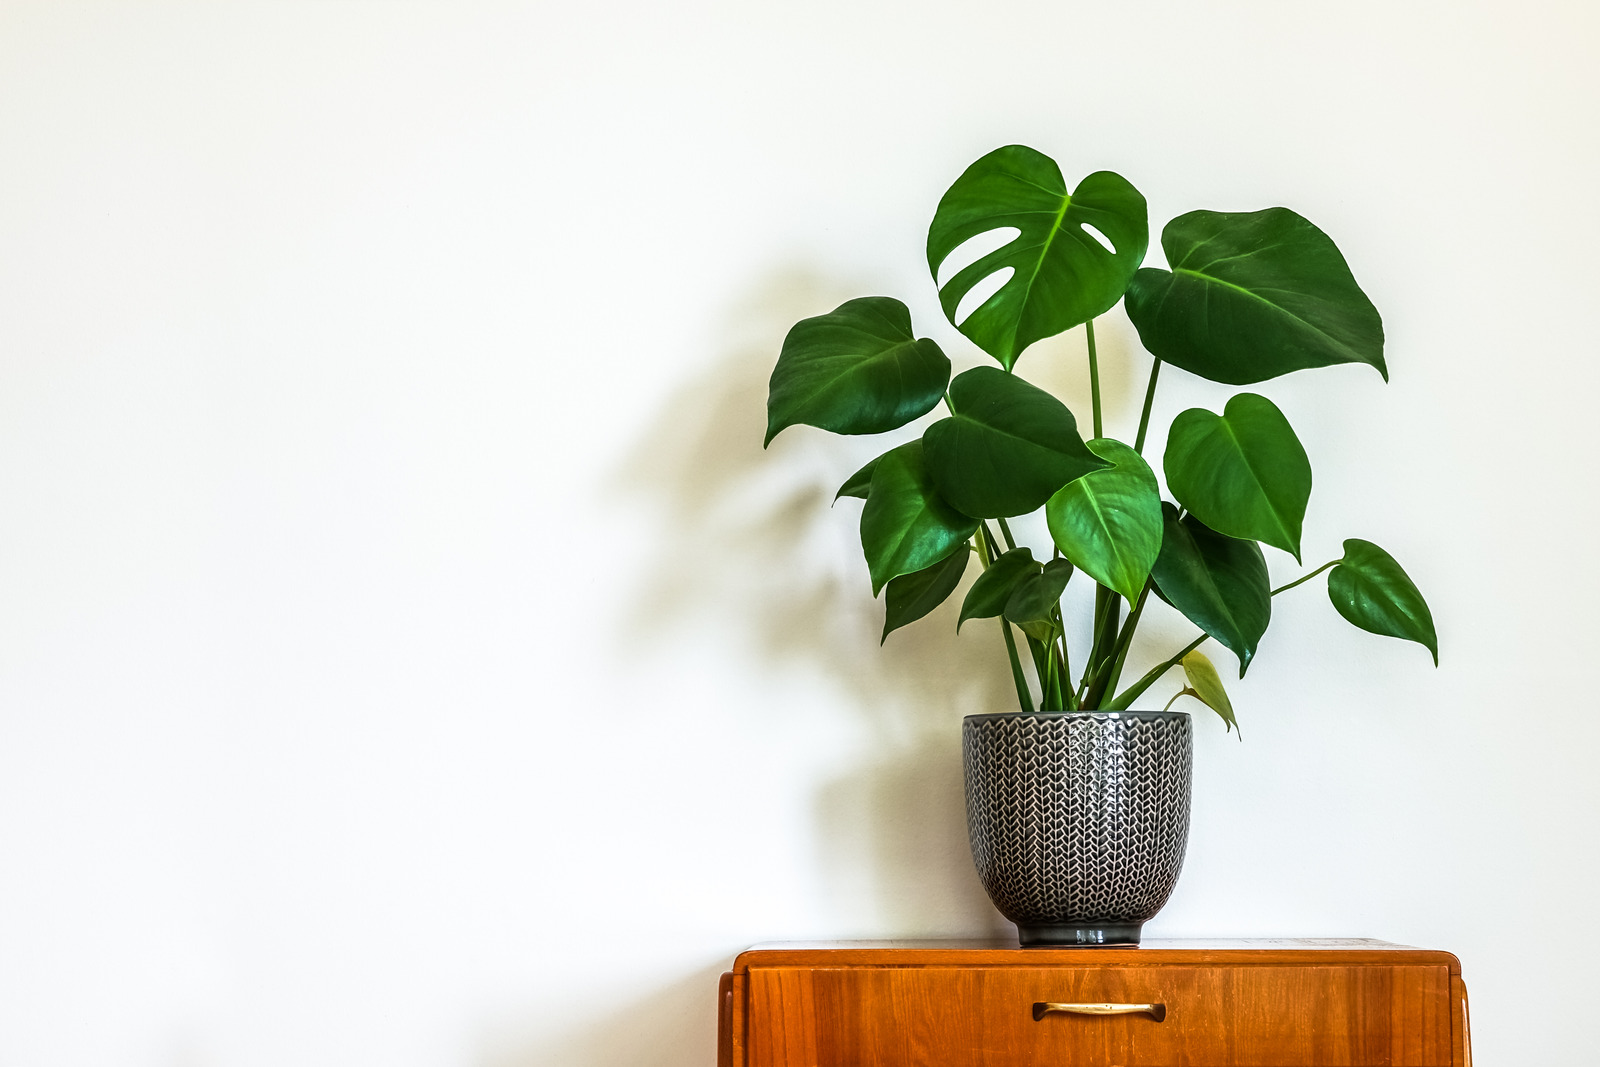 Stor og grønn inneplante